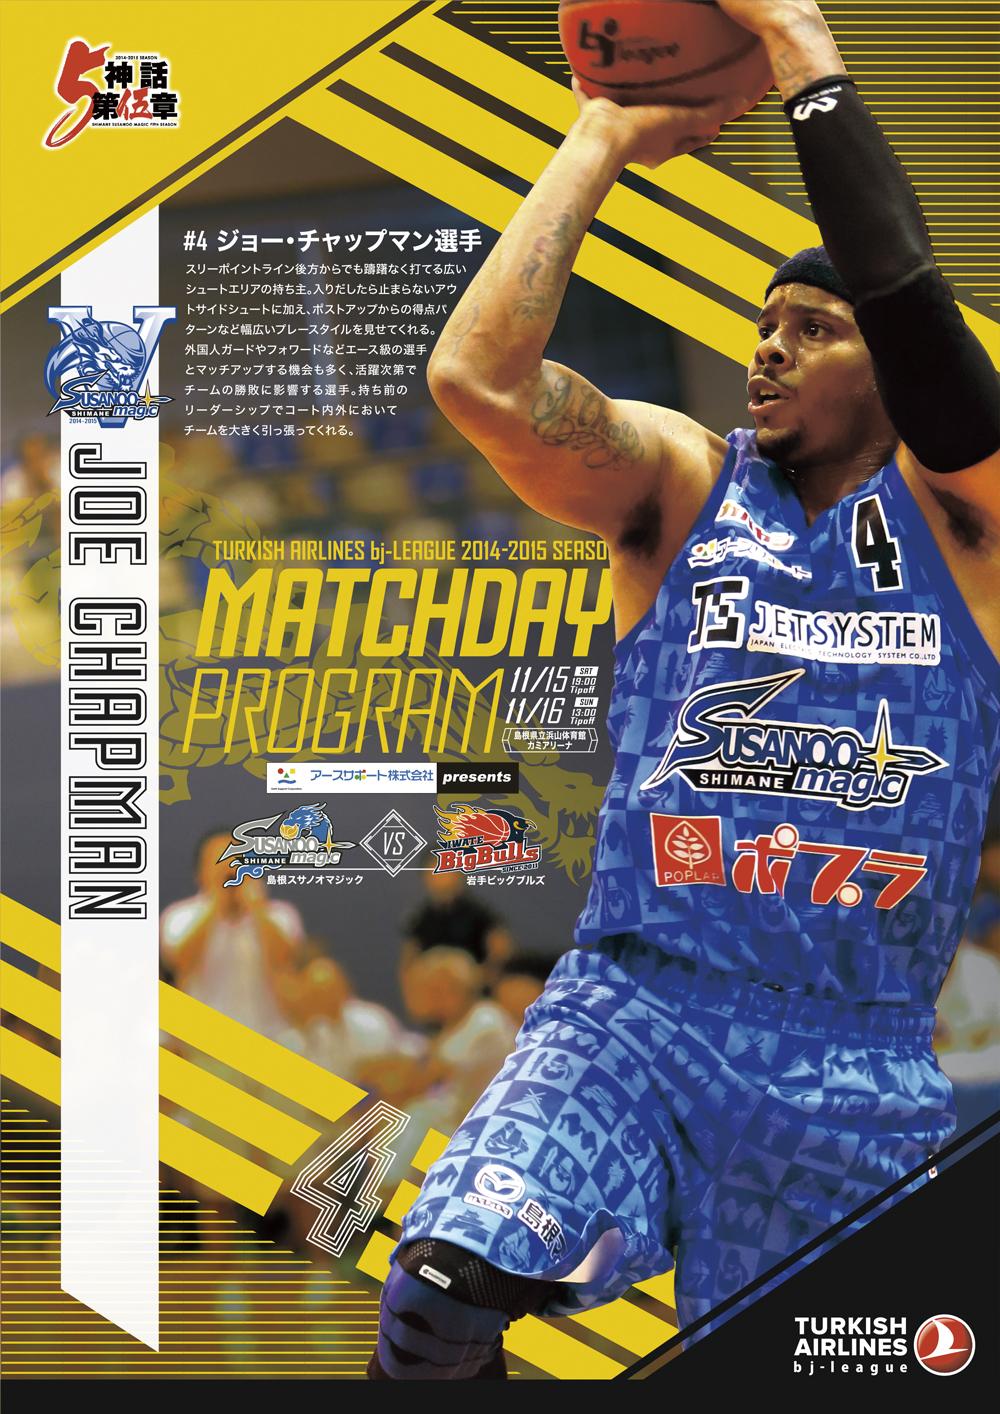 島根スサノオマジックマッチデープログラム2014-2015(2)